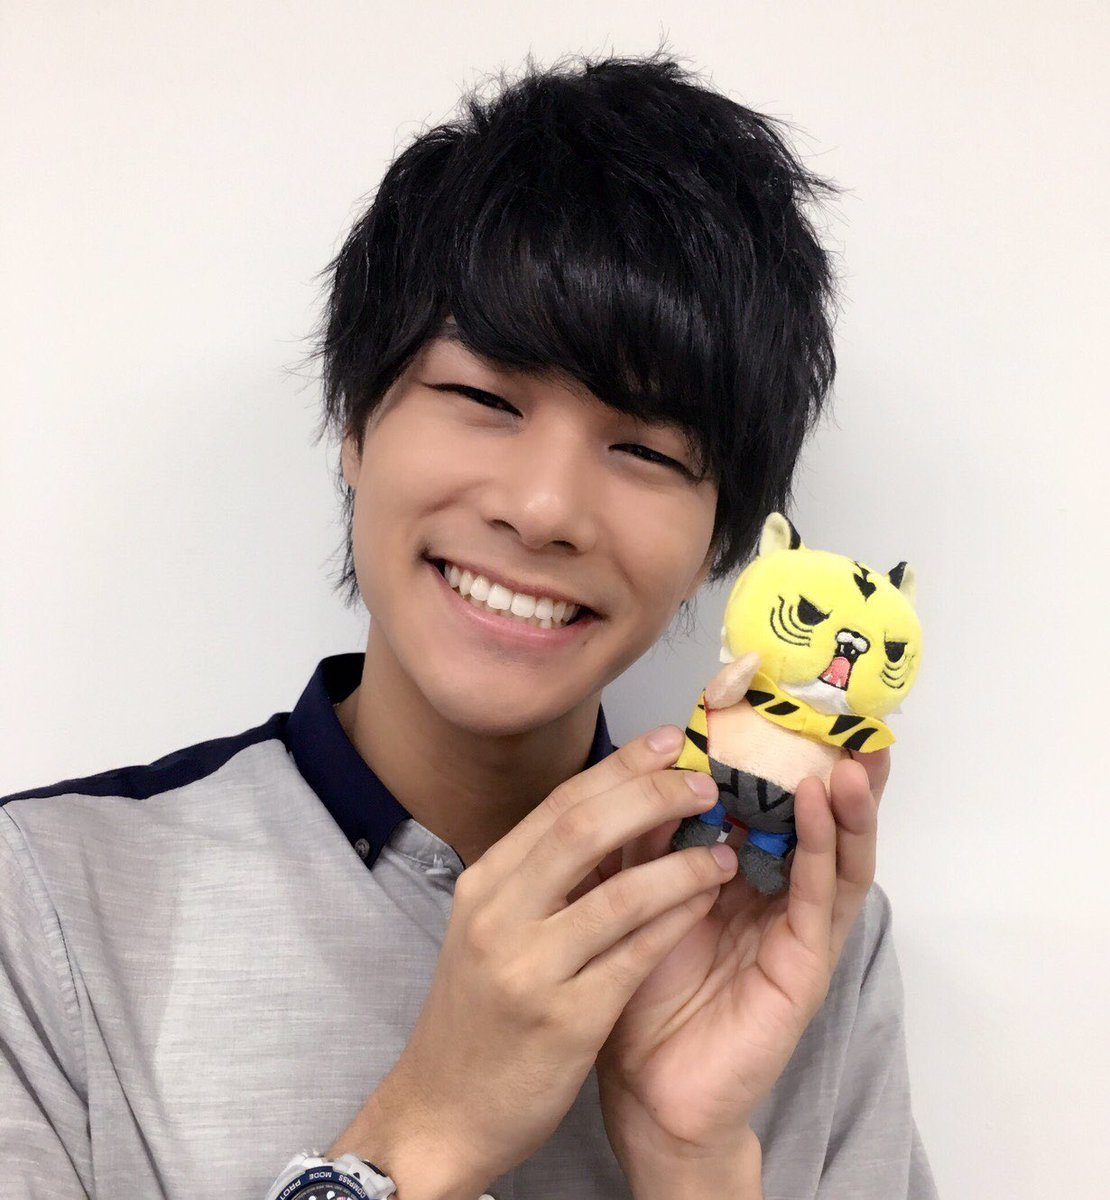 【グッズくじ】八代拓さんの手にもプリティな #タイガーマスクW のぬいぐるみが届きました。可愛いと思う方こちらのグッズく